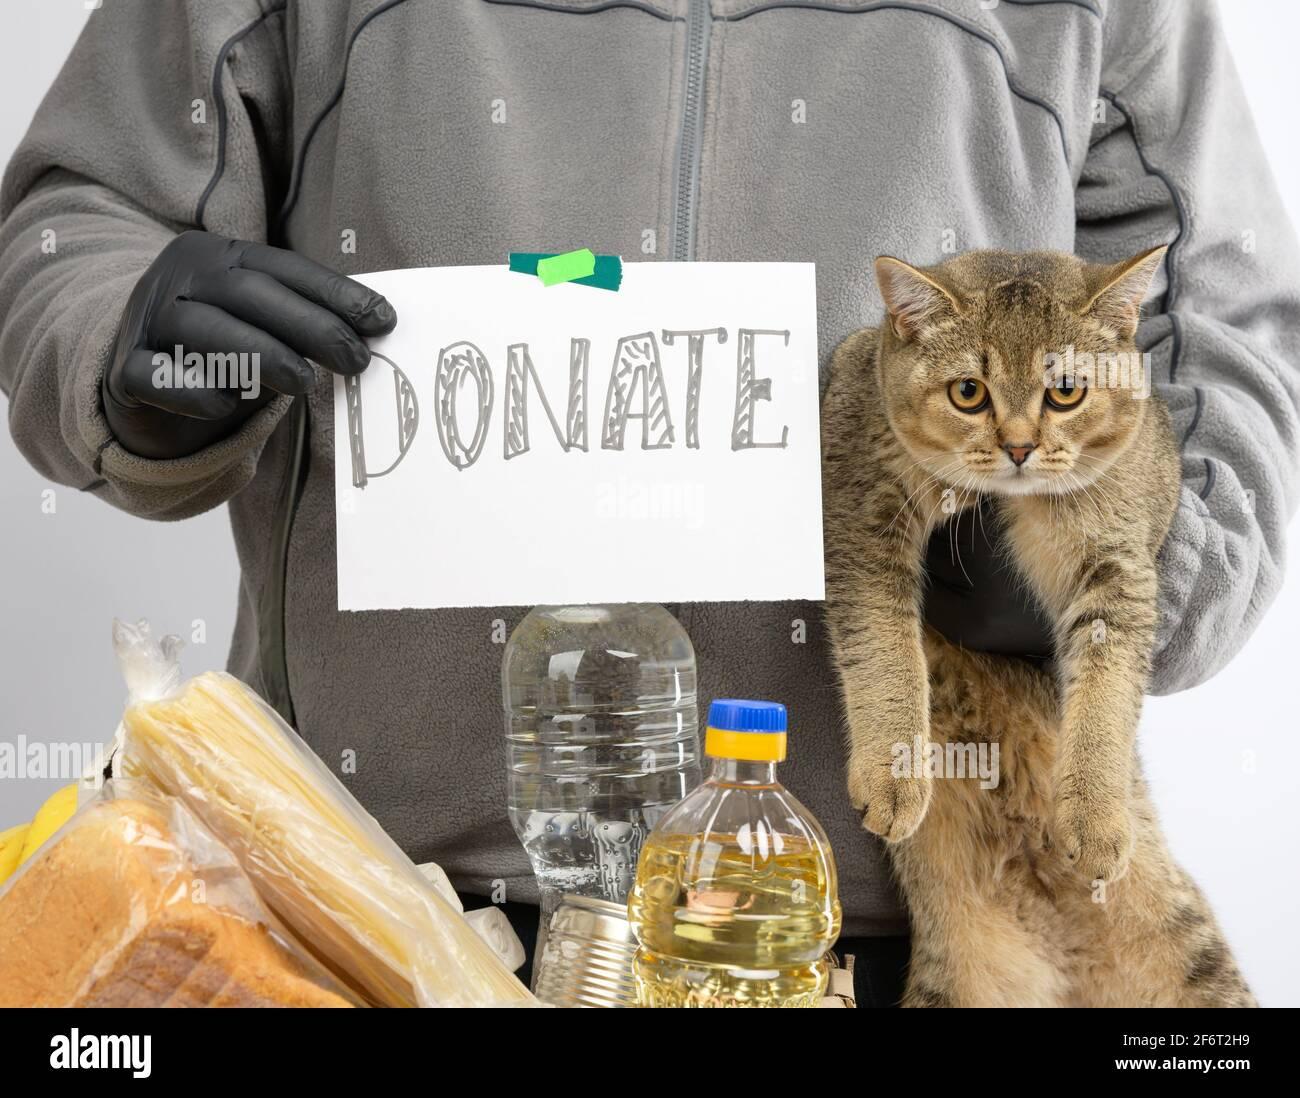 l'homme recueille de la nourriture, des fruits et des choses dans une boîte en carton pour aider les nécessiteux et les pauvres, aider et le concept de bénévolat. Banque D'Images